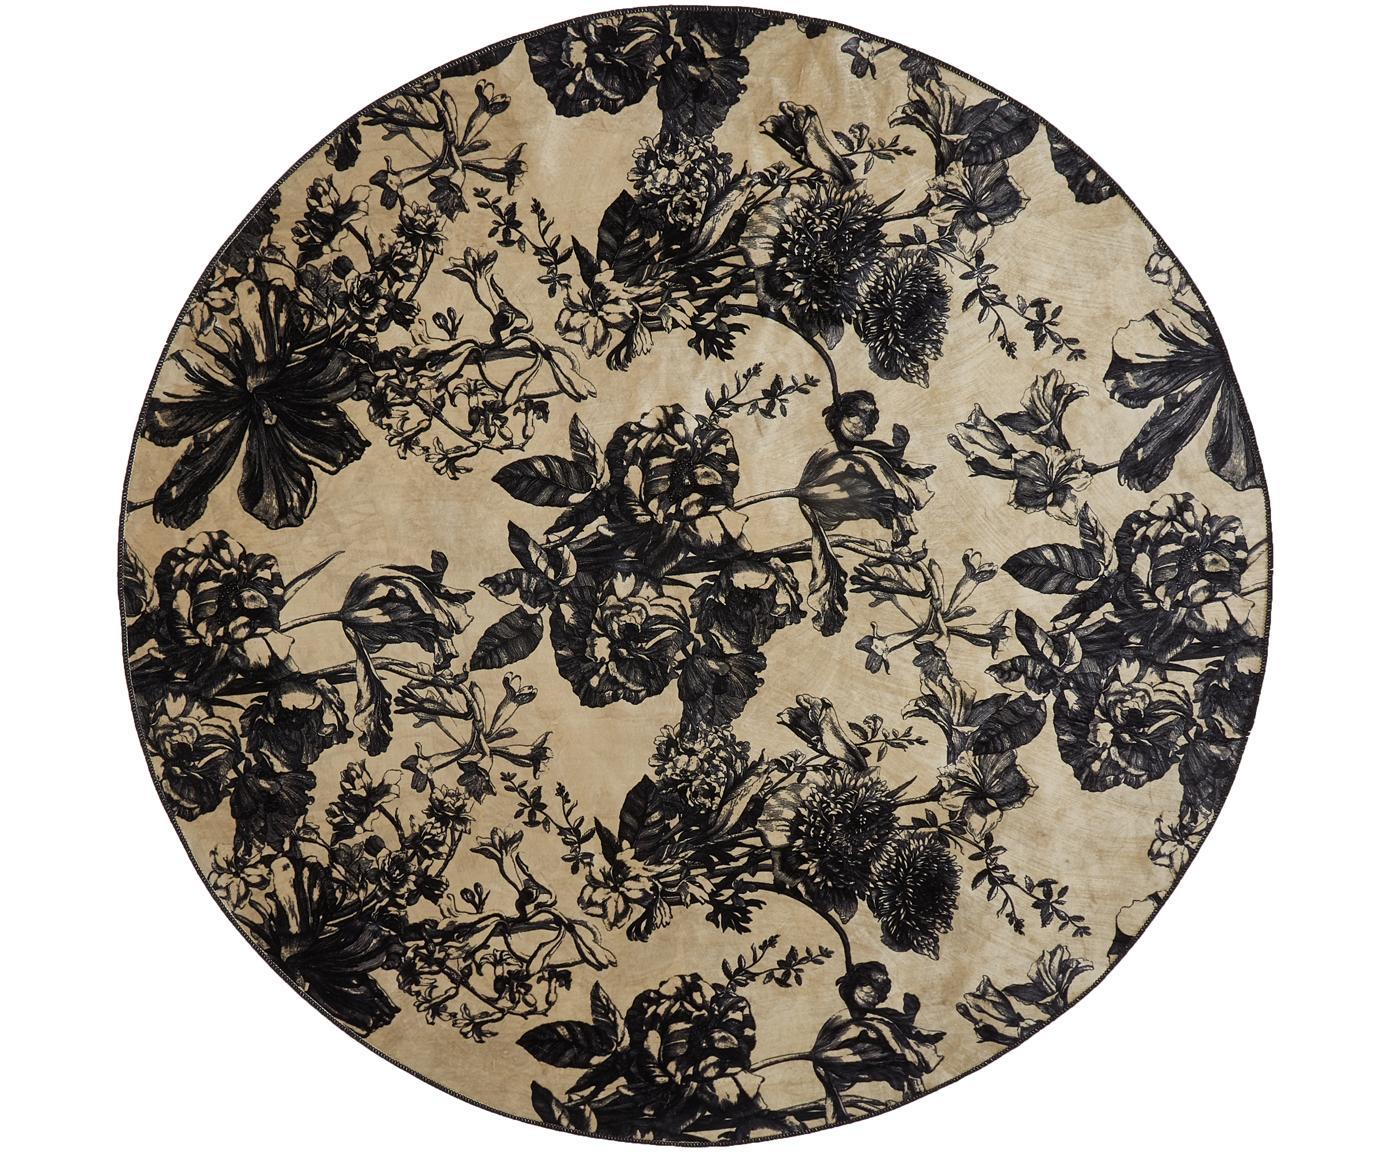 Runder Teppich Vivienne in Creme/Schwarz mit Blumenmuster, 60% Polyester, 30% thermoplastisches Polyurethan, 10% Baumwolle, Creme, Schwarz, Grau, Ø 180 cm (Größe L)